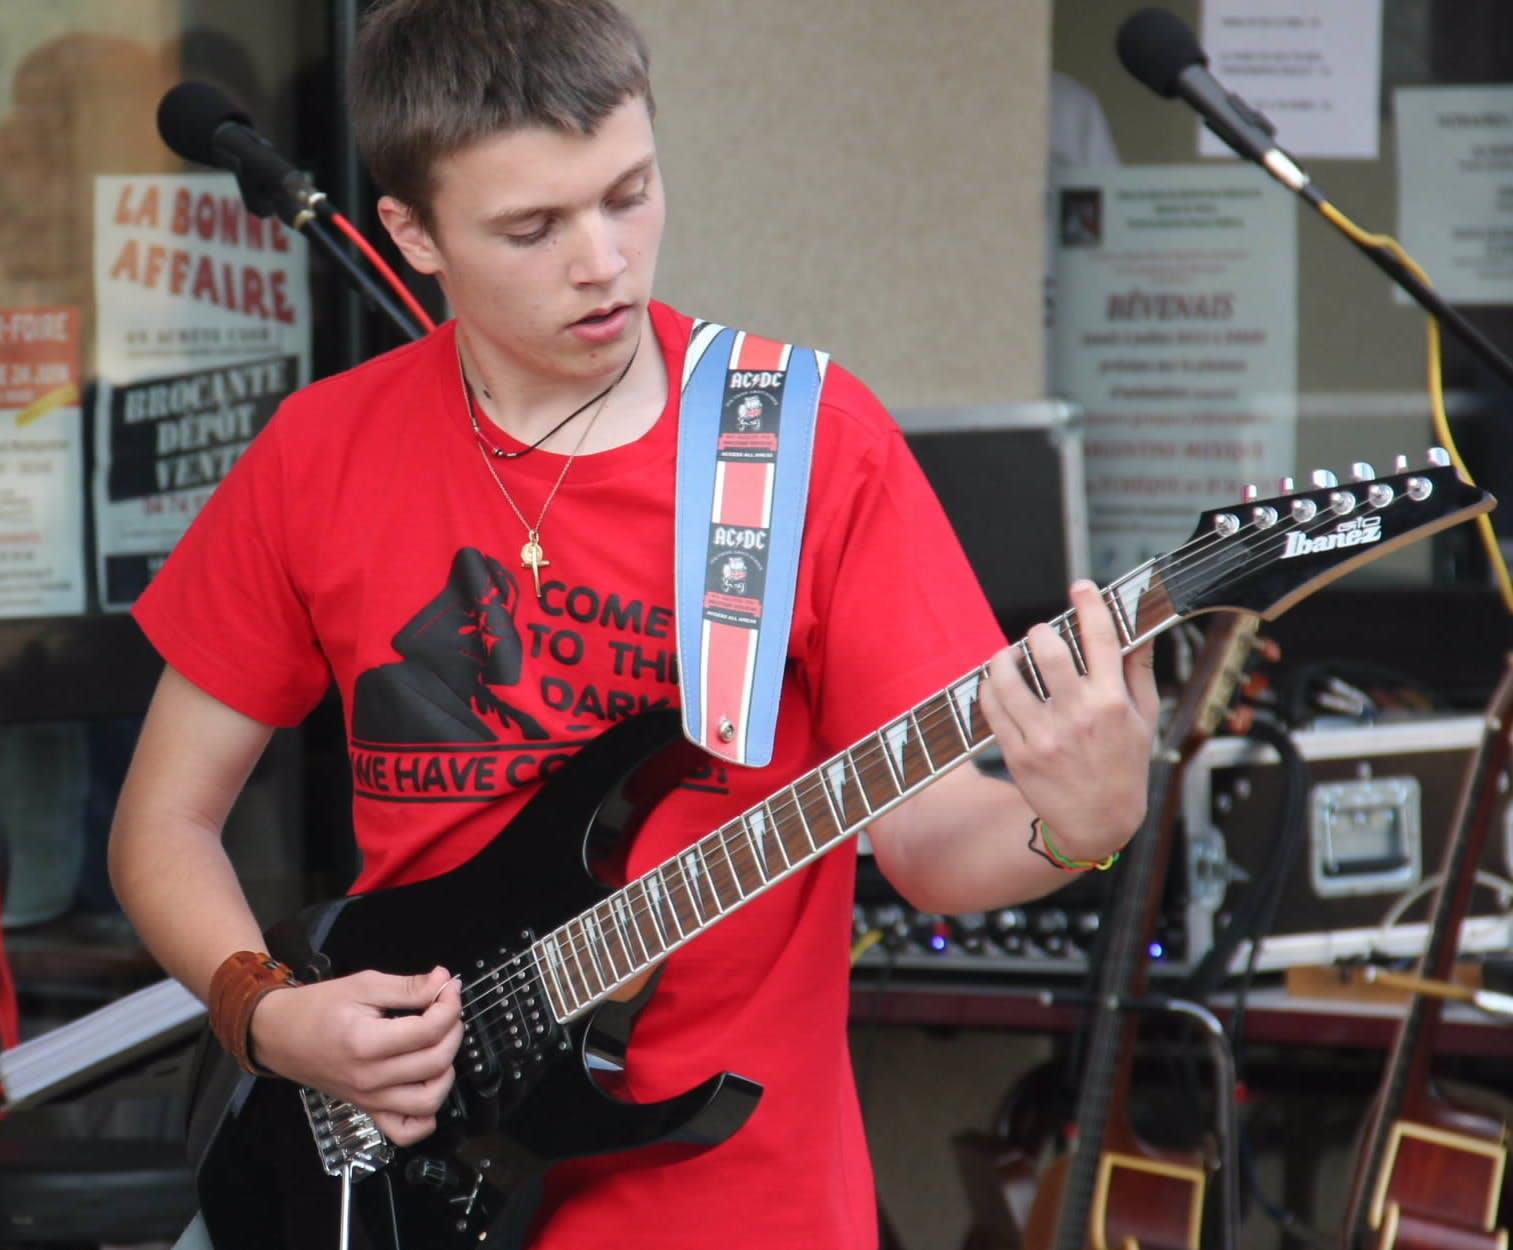 Cours de Guitare, Physique, Chimie à Lyon, France